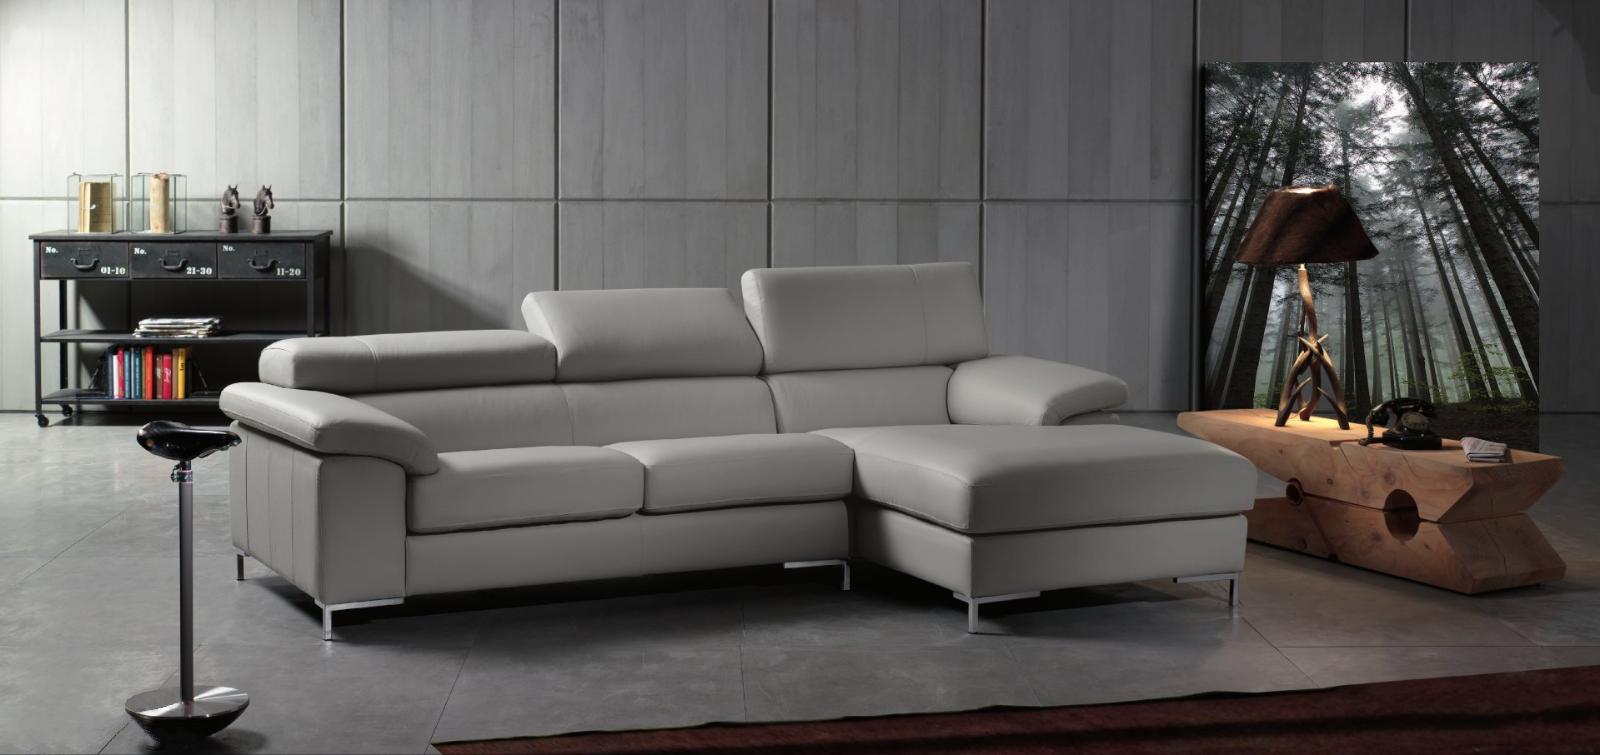 Divano sofa divano in pelle divano in tessuto